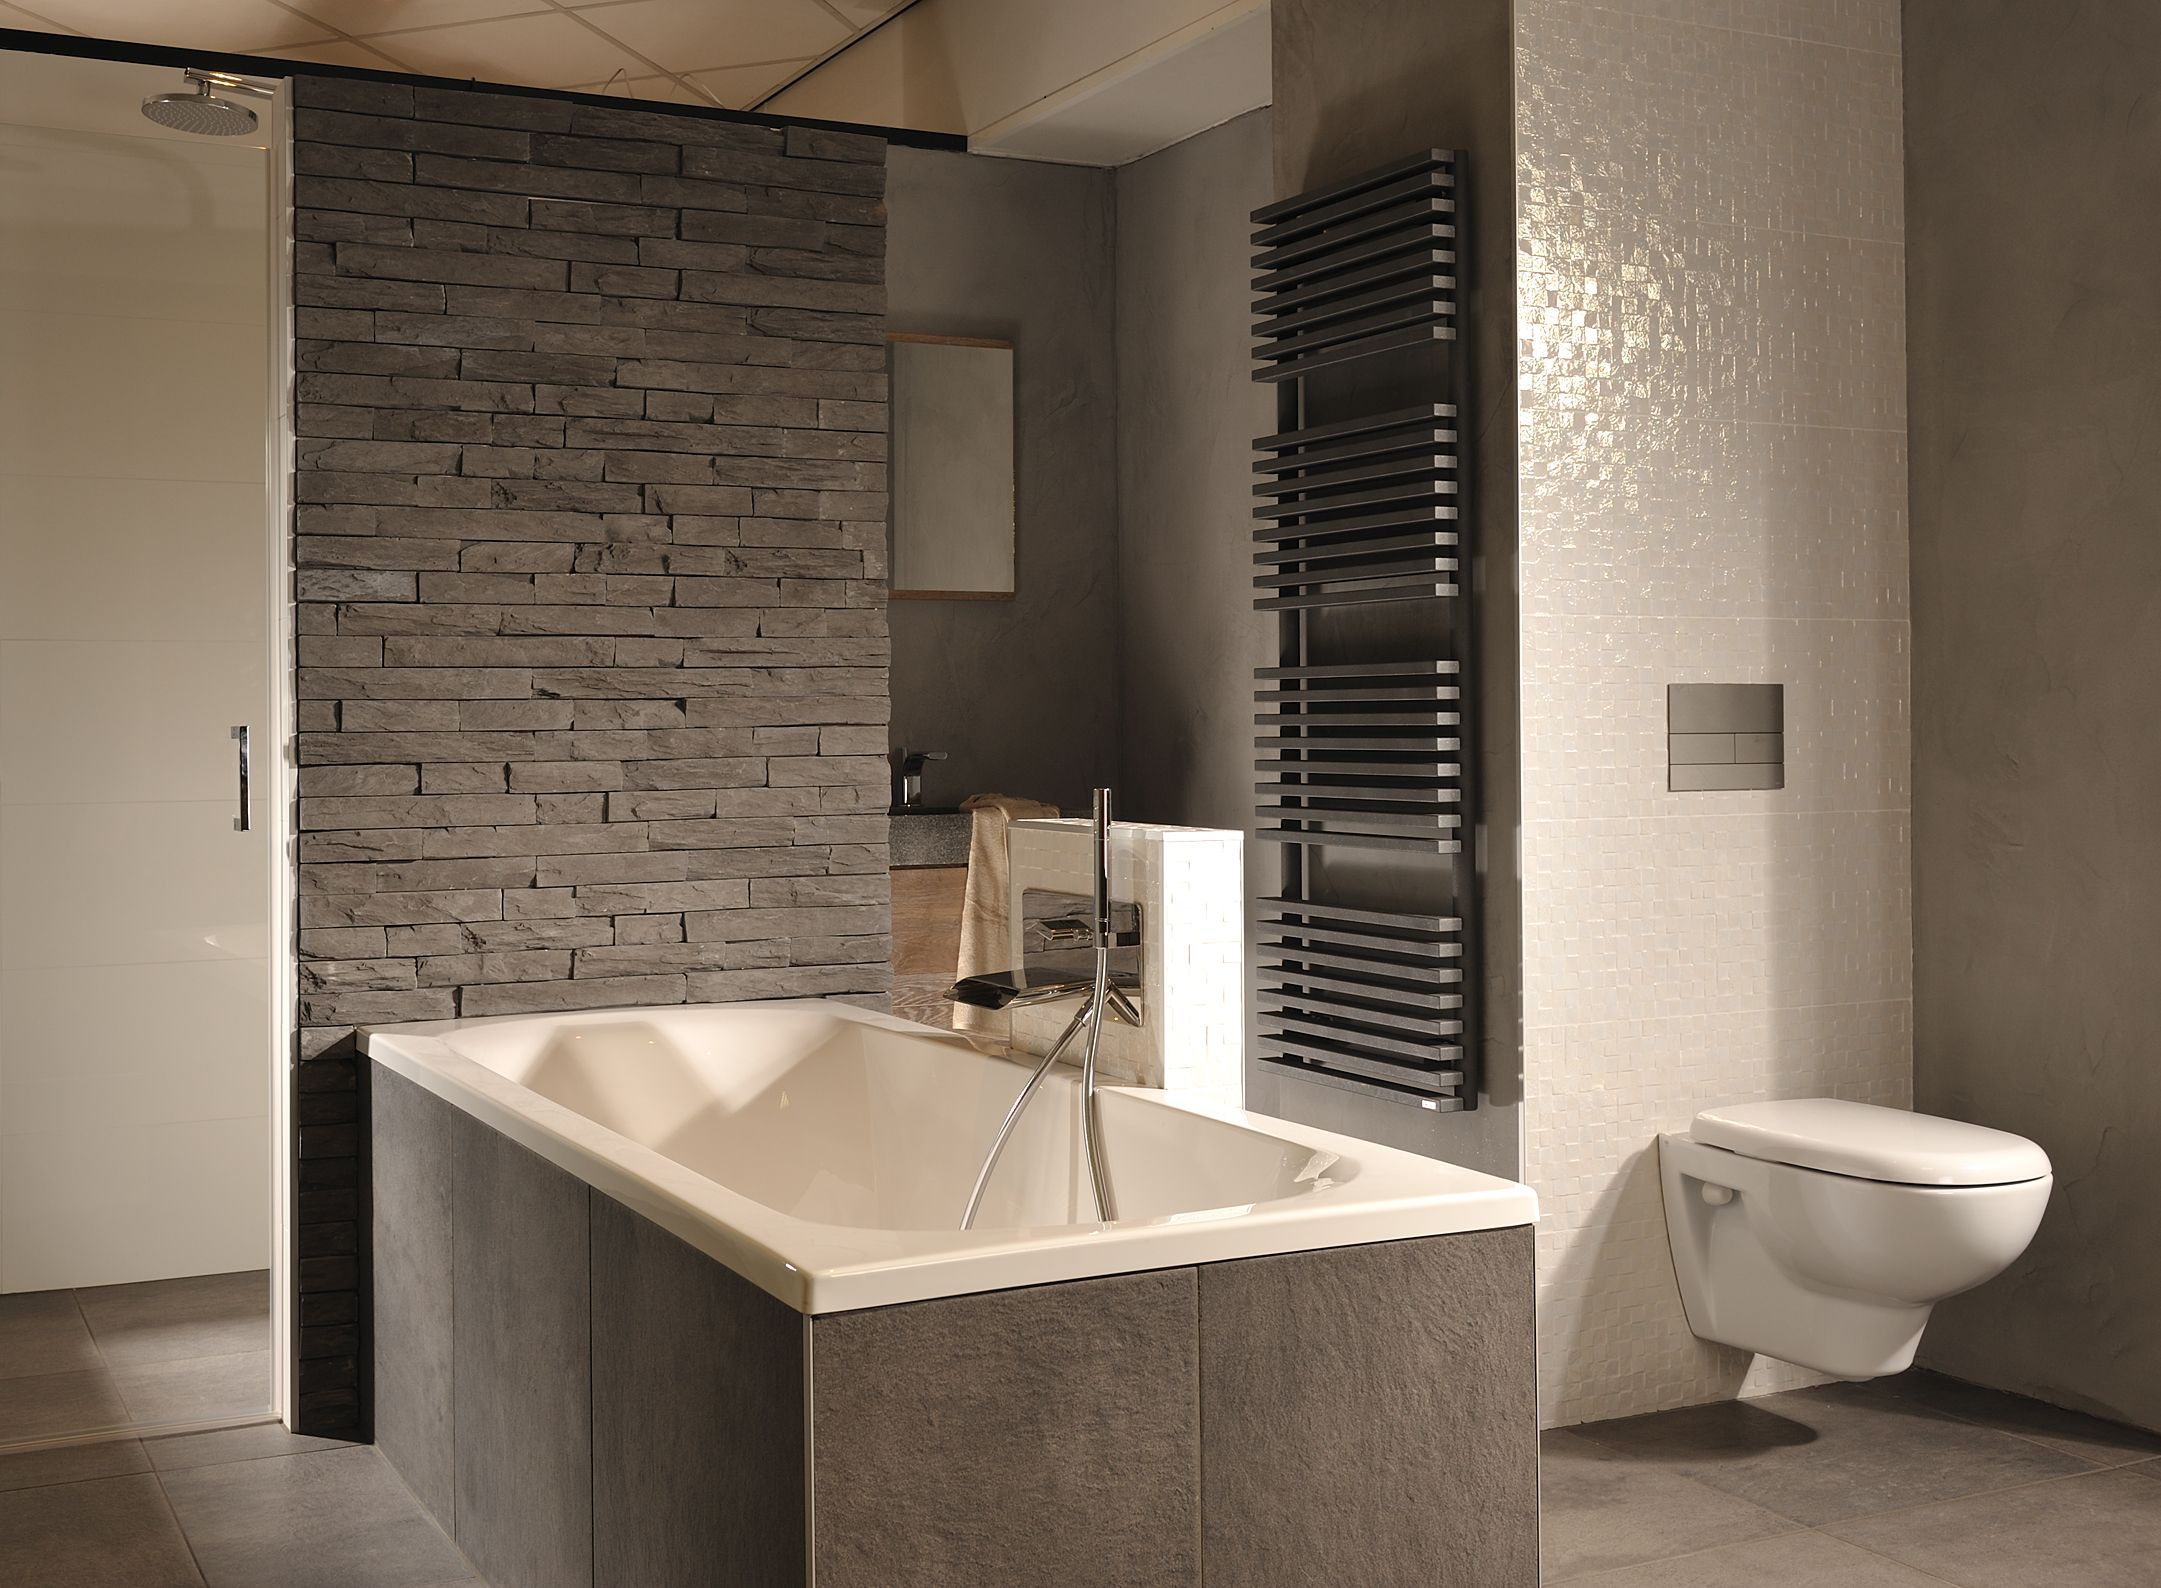 Wandgestaltung im Badezimmer. Ein natürlicher Blickfang ...